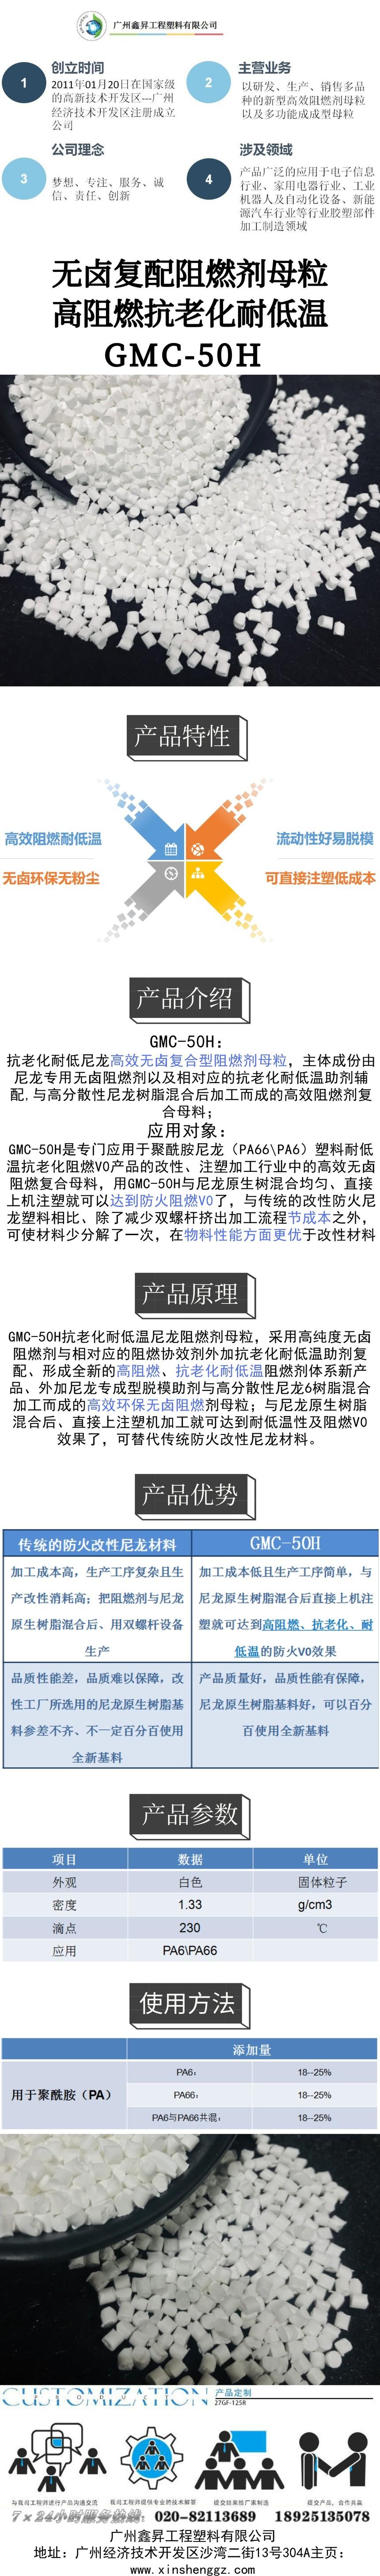 GMC-50H.jpg